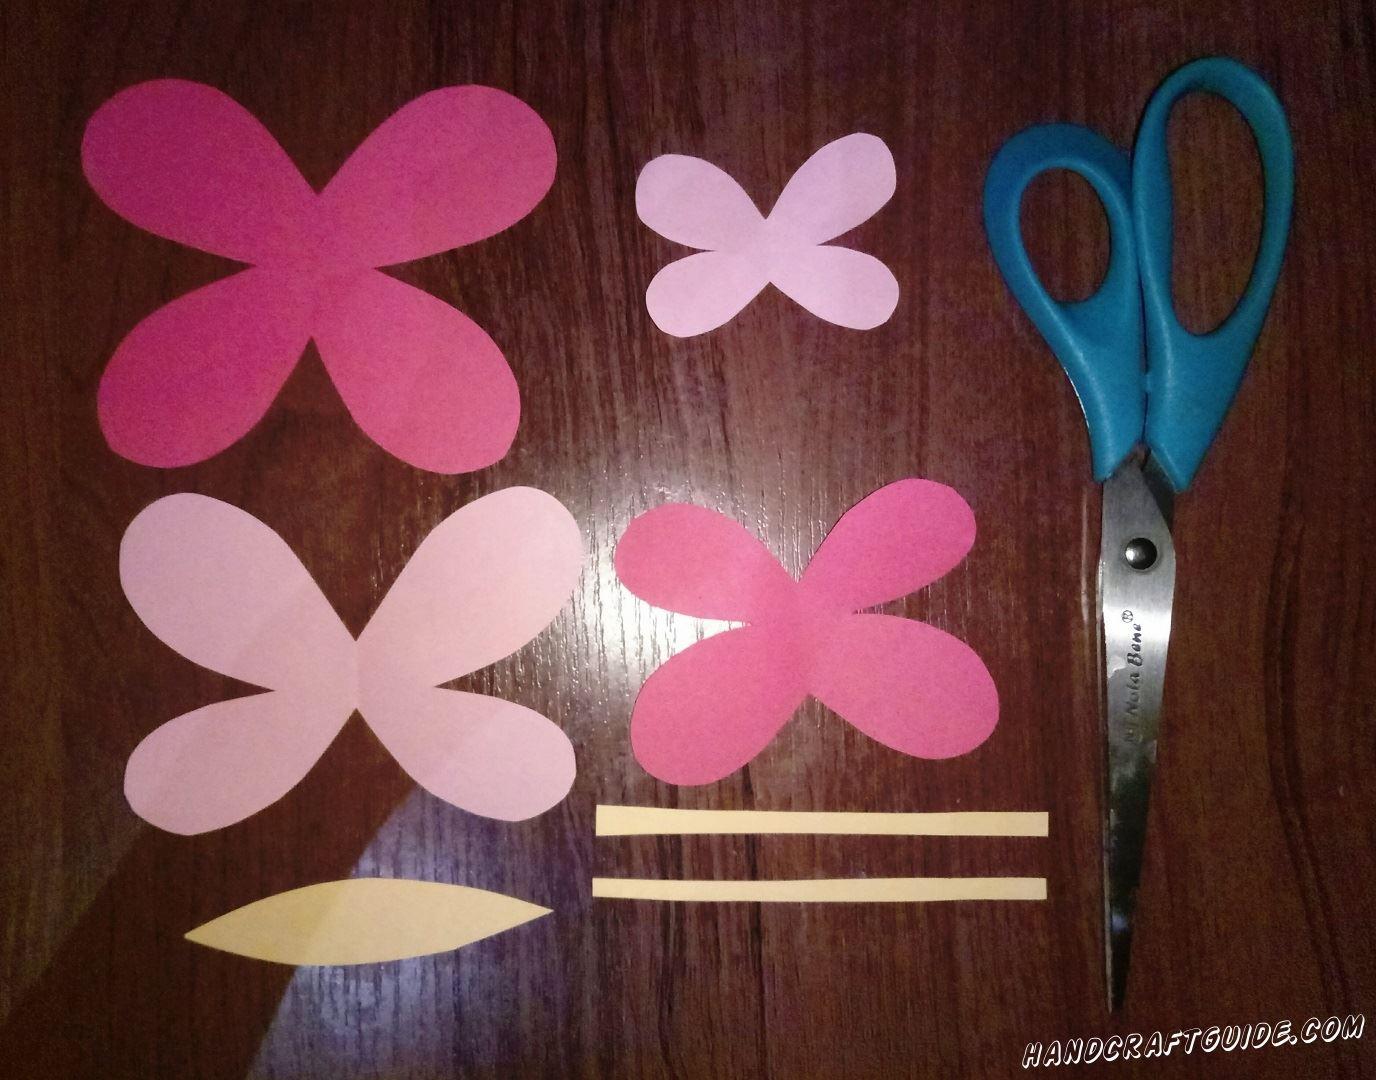 Для начала нужно вырезать все необходимые детальки. Берем розовую бумагу и вырезаем детальку в форме цветочка с 4 лепестками, одну большую и одну маленькую. Такие же детальки вырезаем из светло-розовой бумаги, только большая будет немножко меньше большой розового цвета, а меленькая - меньше розовой маленькой. Также вырезаем 2 тонкие полосочки и детальку в форме листика, желтого цвета.